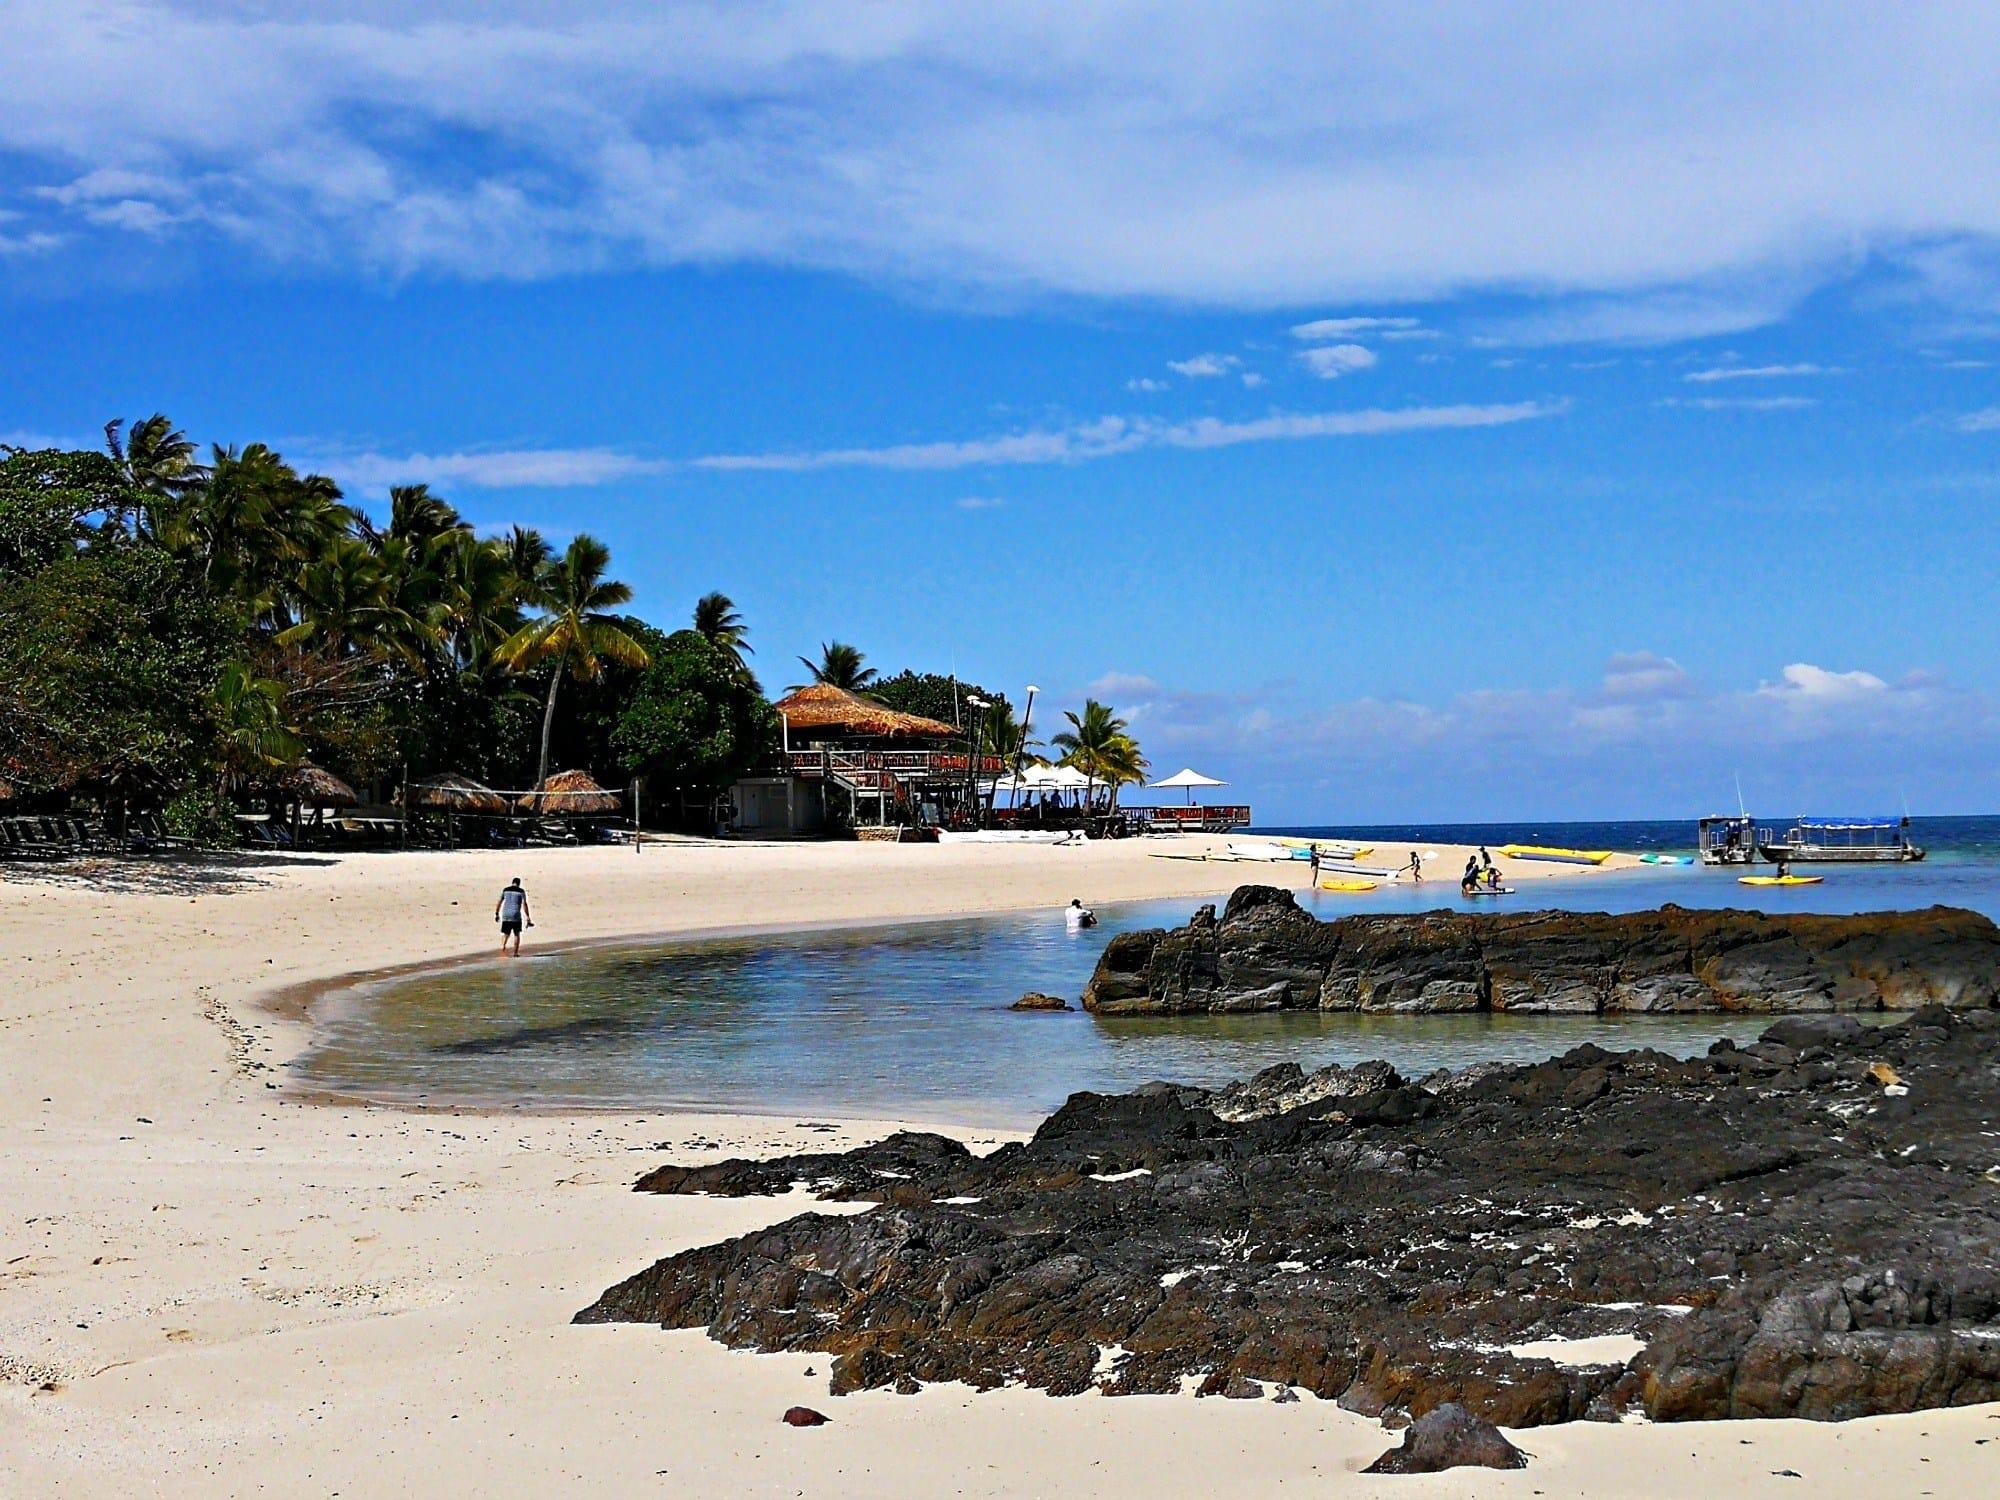 Castaway Island beach in Fiji with kids